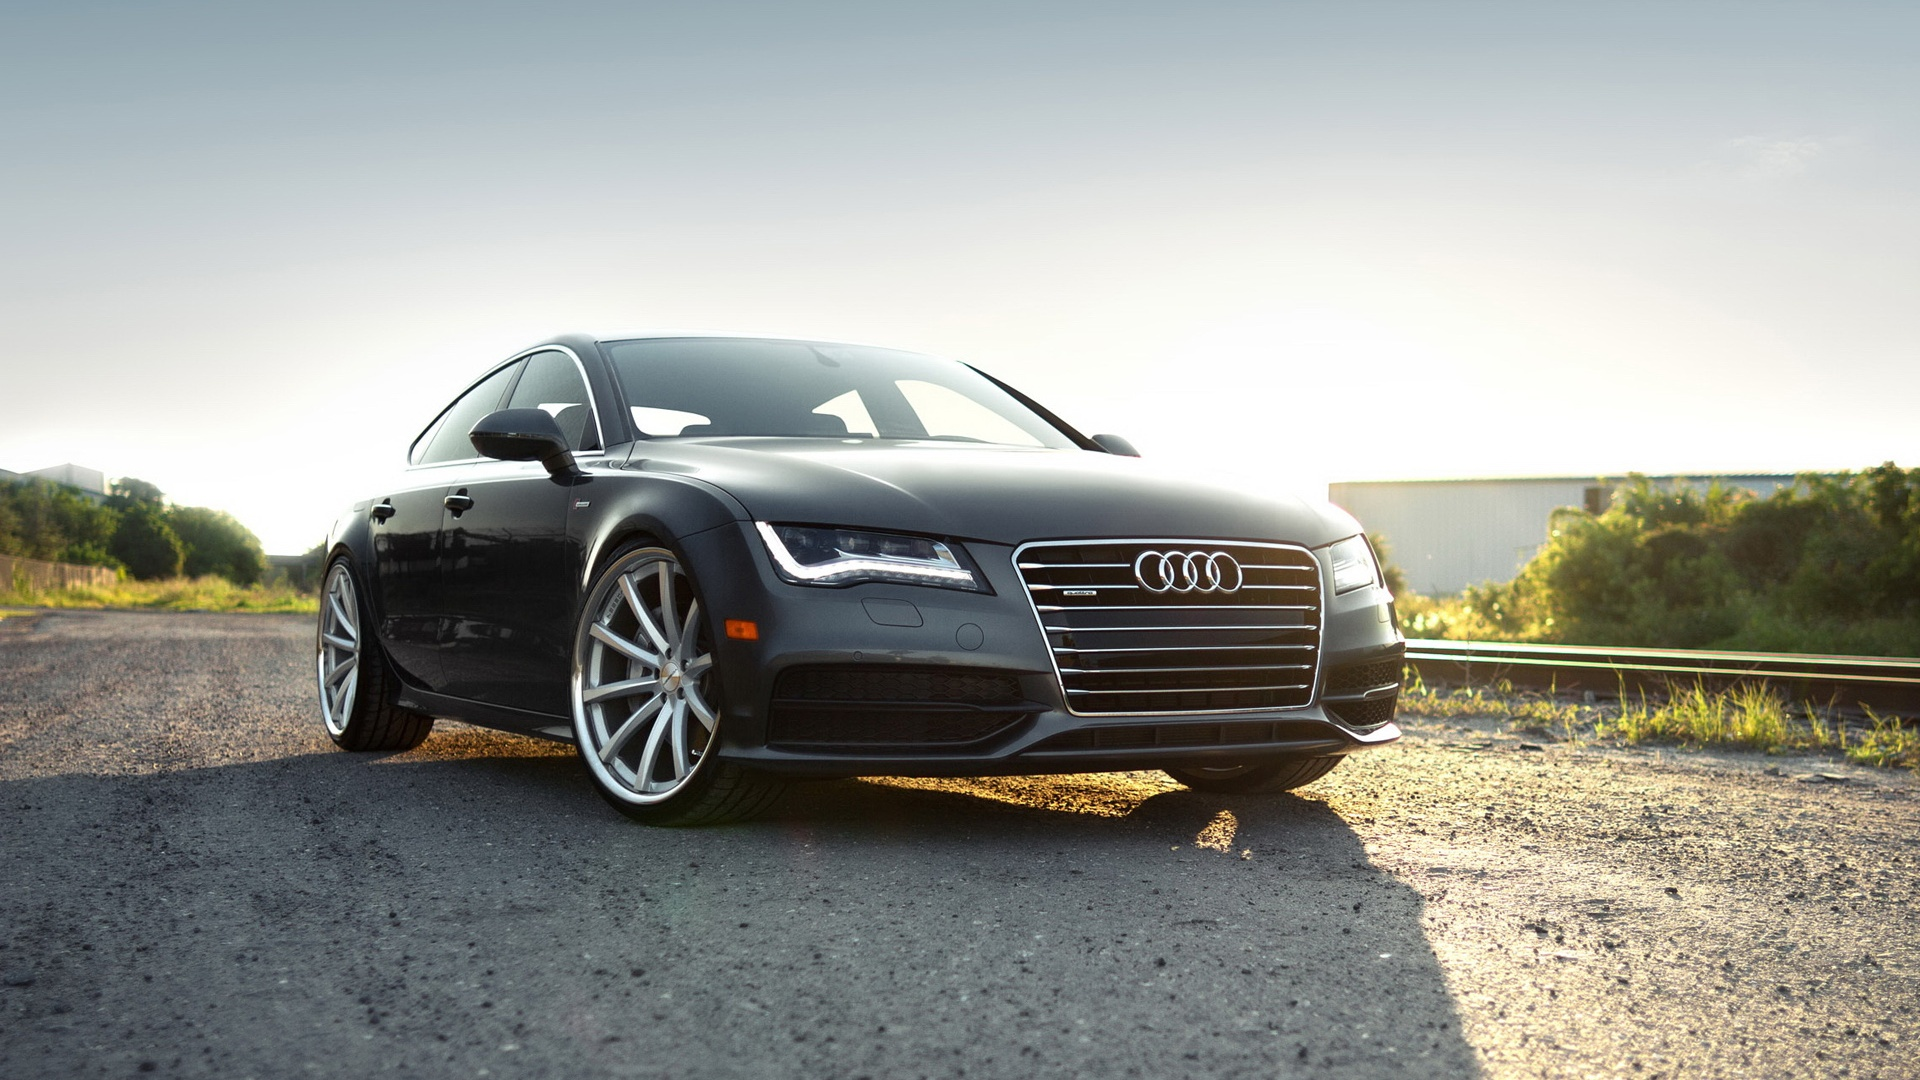 Audi a7 wallpaper 3